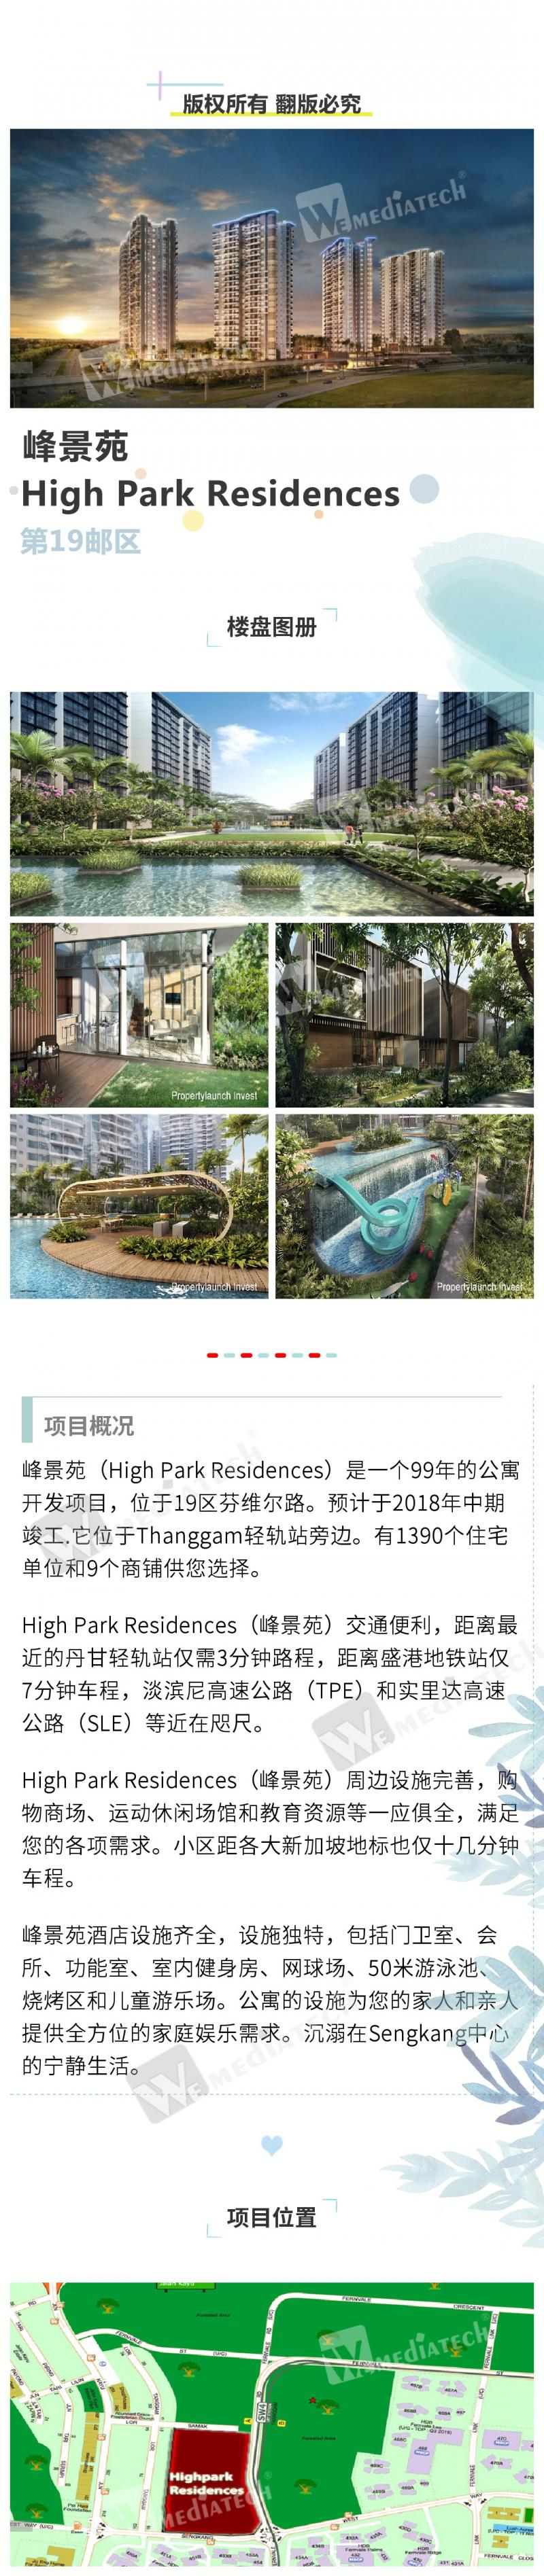 highpark residences1副本.jpg